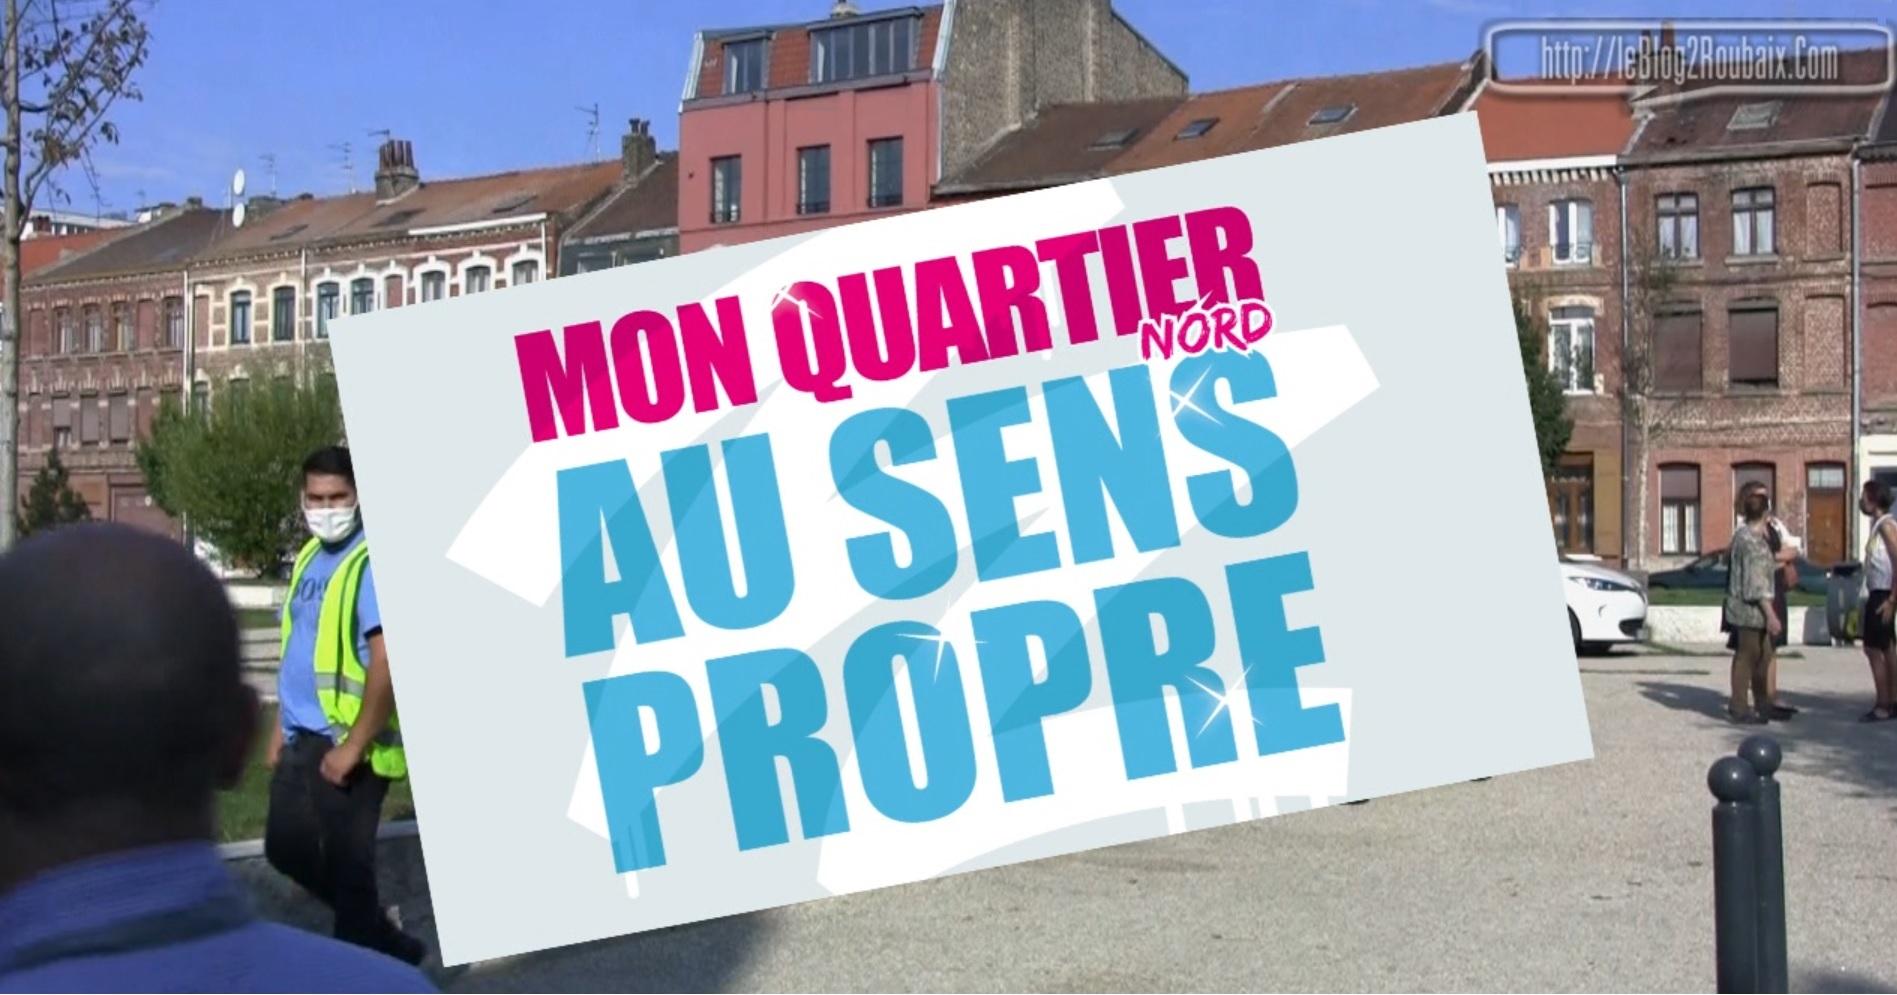 #1010 Mon quartier au Sens Propre : la propreté urbaine en œuvre place Audenaerde